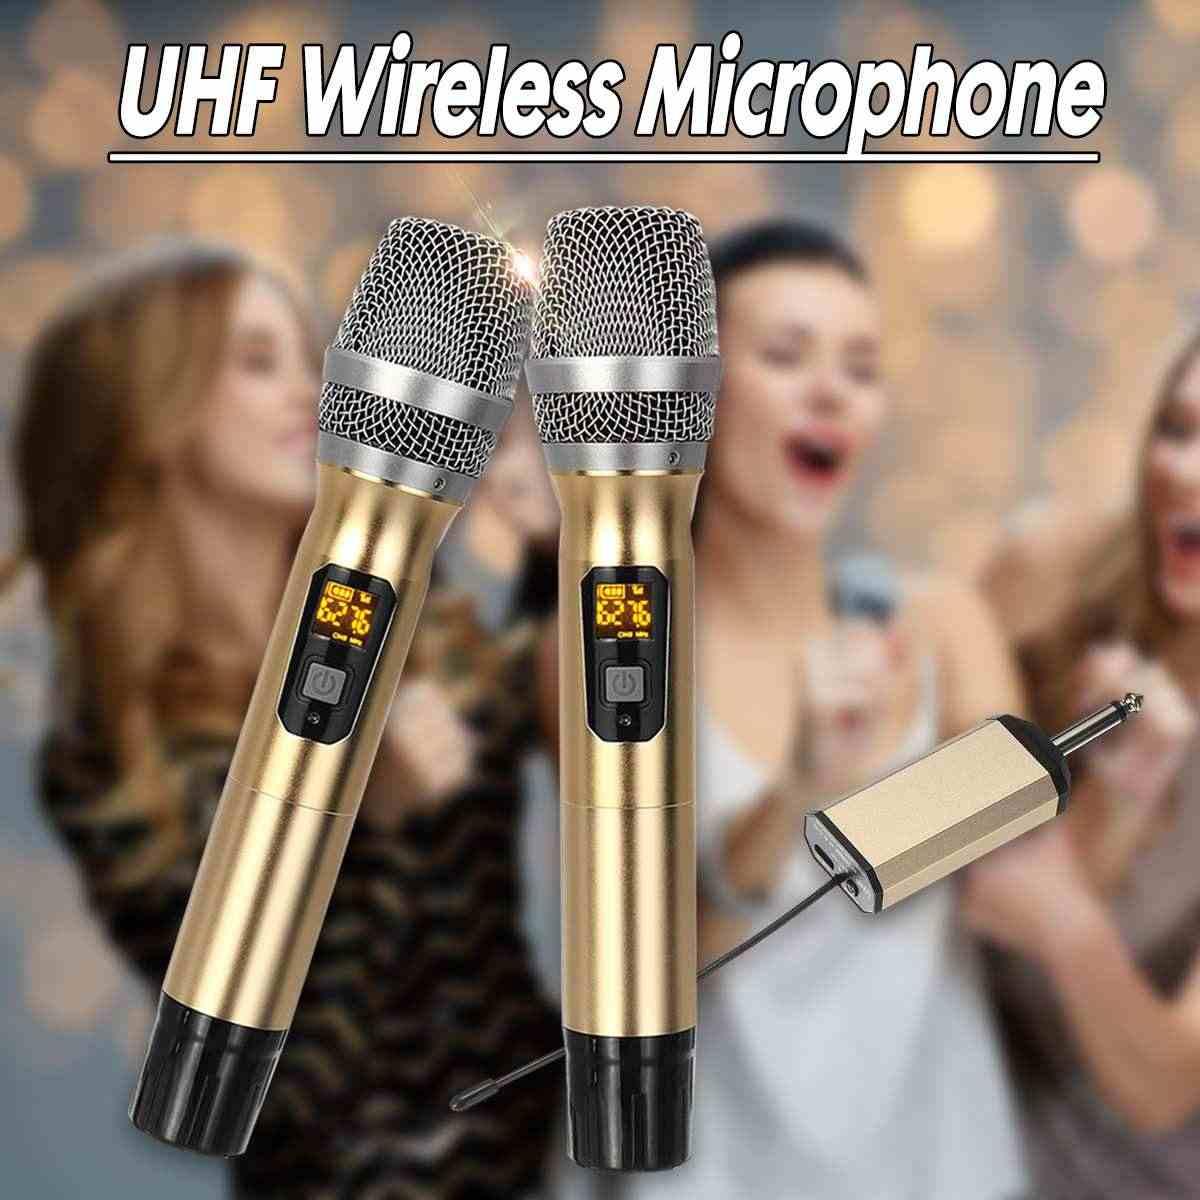 2 ハンドヘルド UHF ワイヤレスマイクカラオケマイクシステムコードレスプレーヤーミニデジタル受信機ステージバー実行します